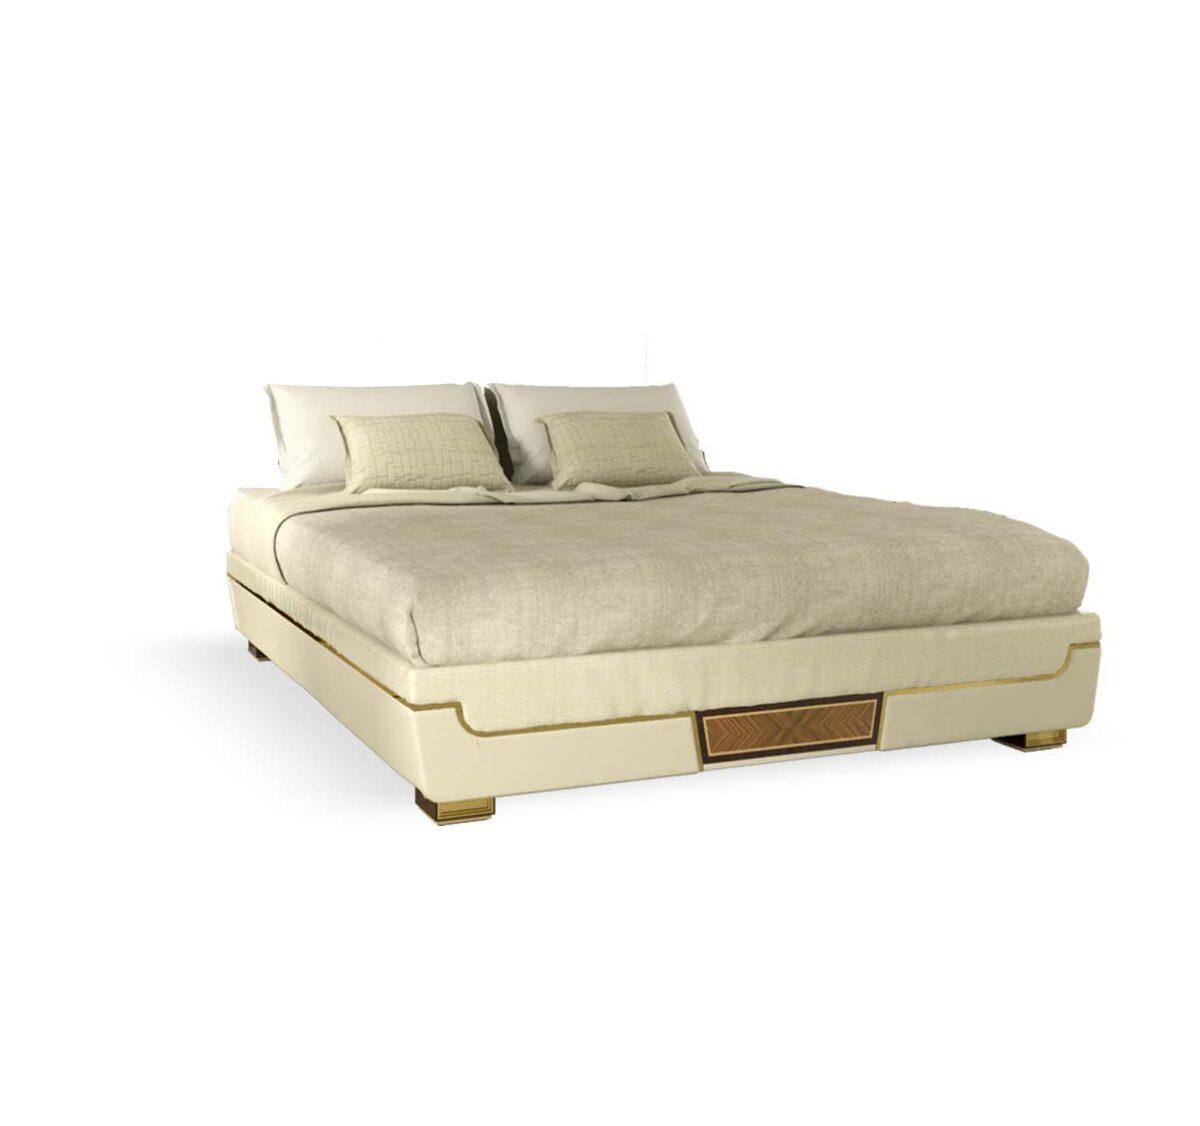 letto elegante di lusso in legno in stile contemporaneo